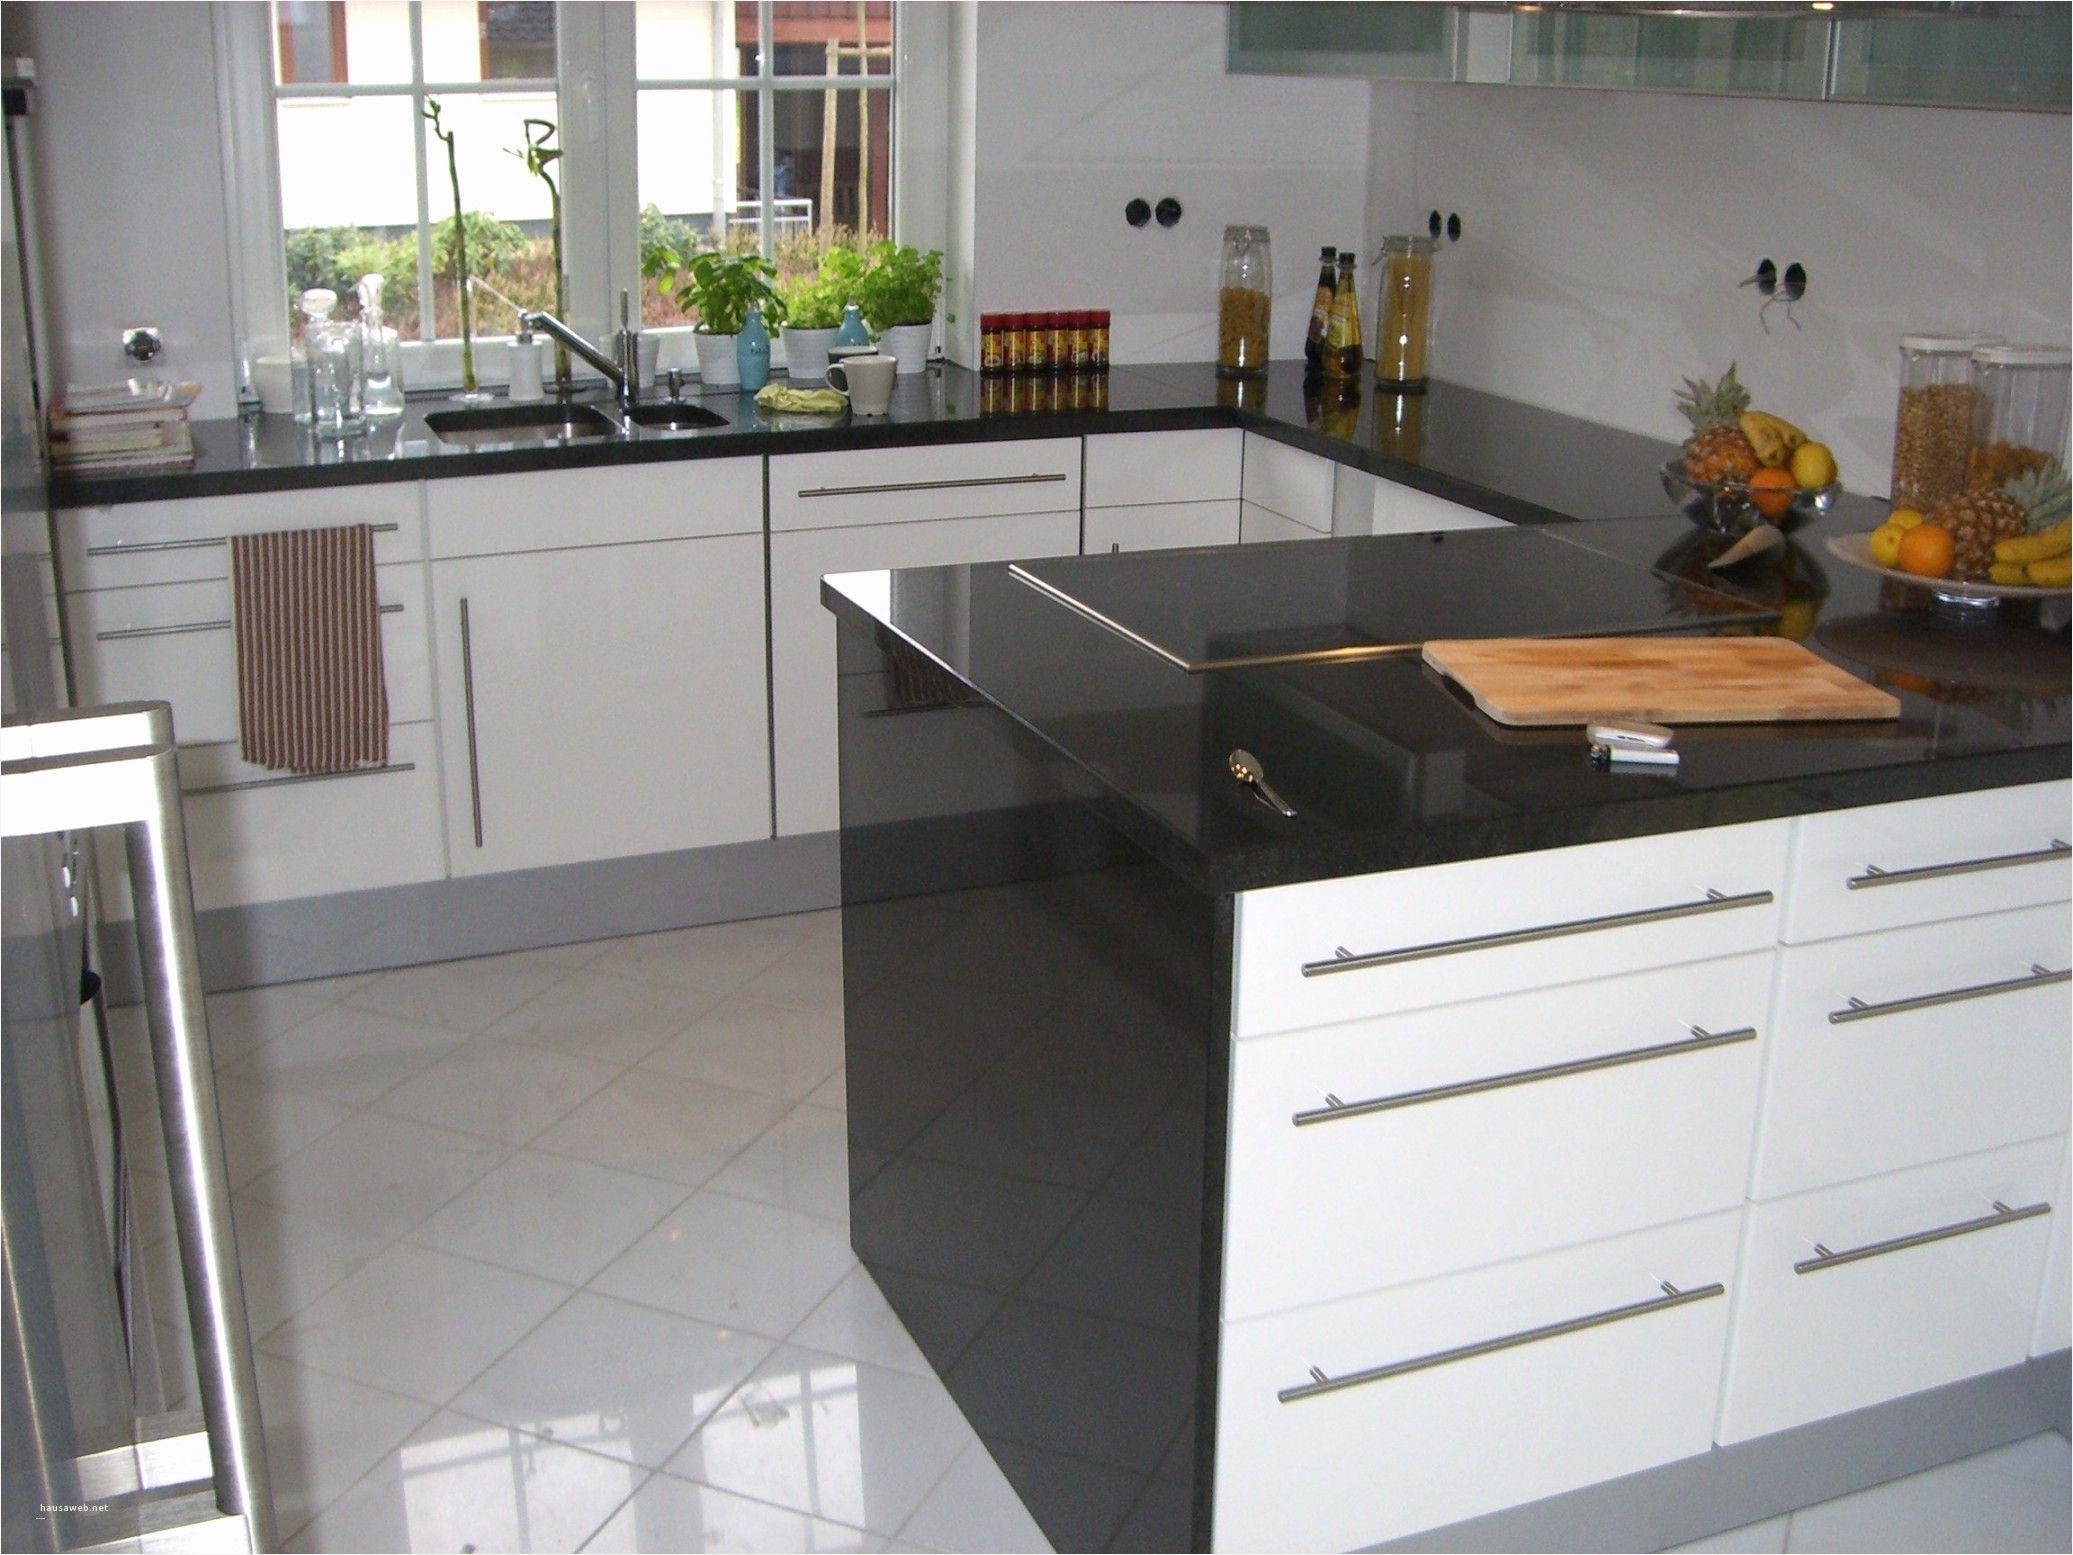 Arbeitsplatte Granit Schon Kuche Granitplatte Wunderbar Stunning Kuche Granit Arbeitsplatte Home Decor Kitchen House Design